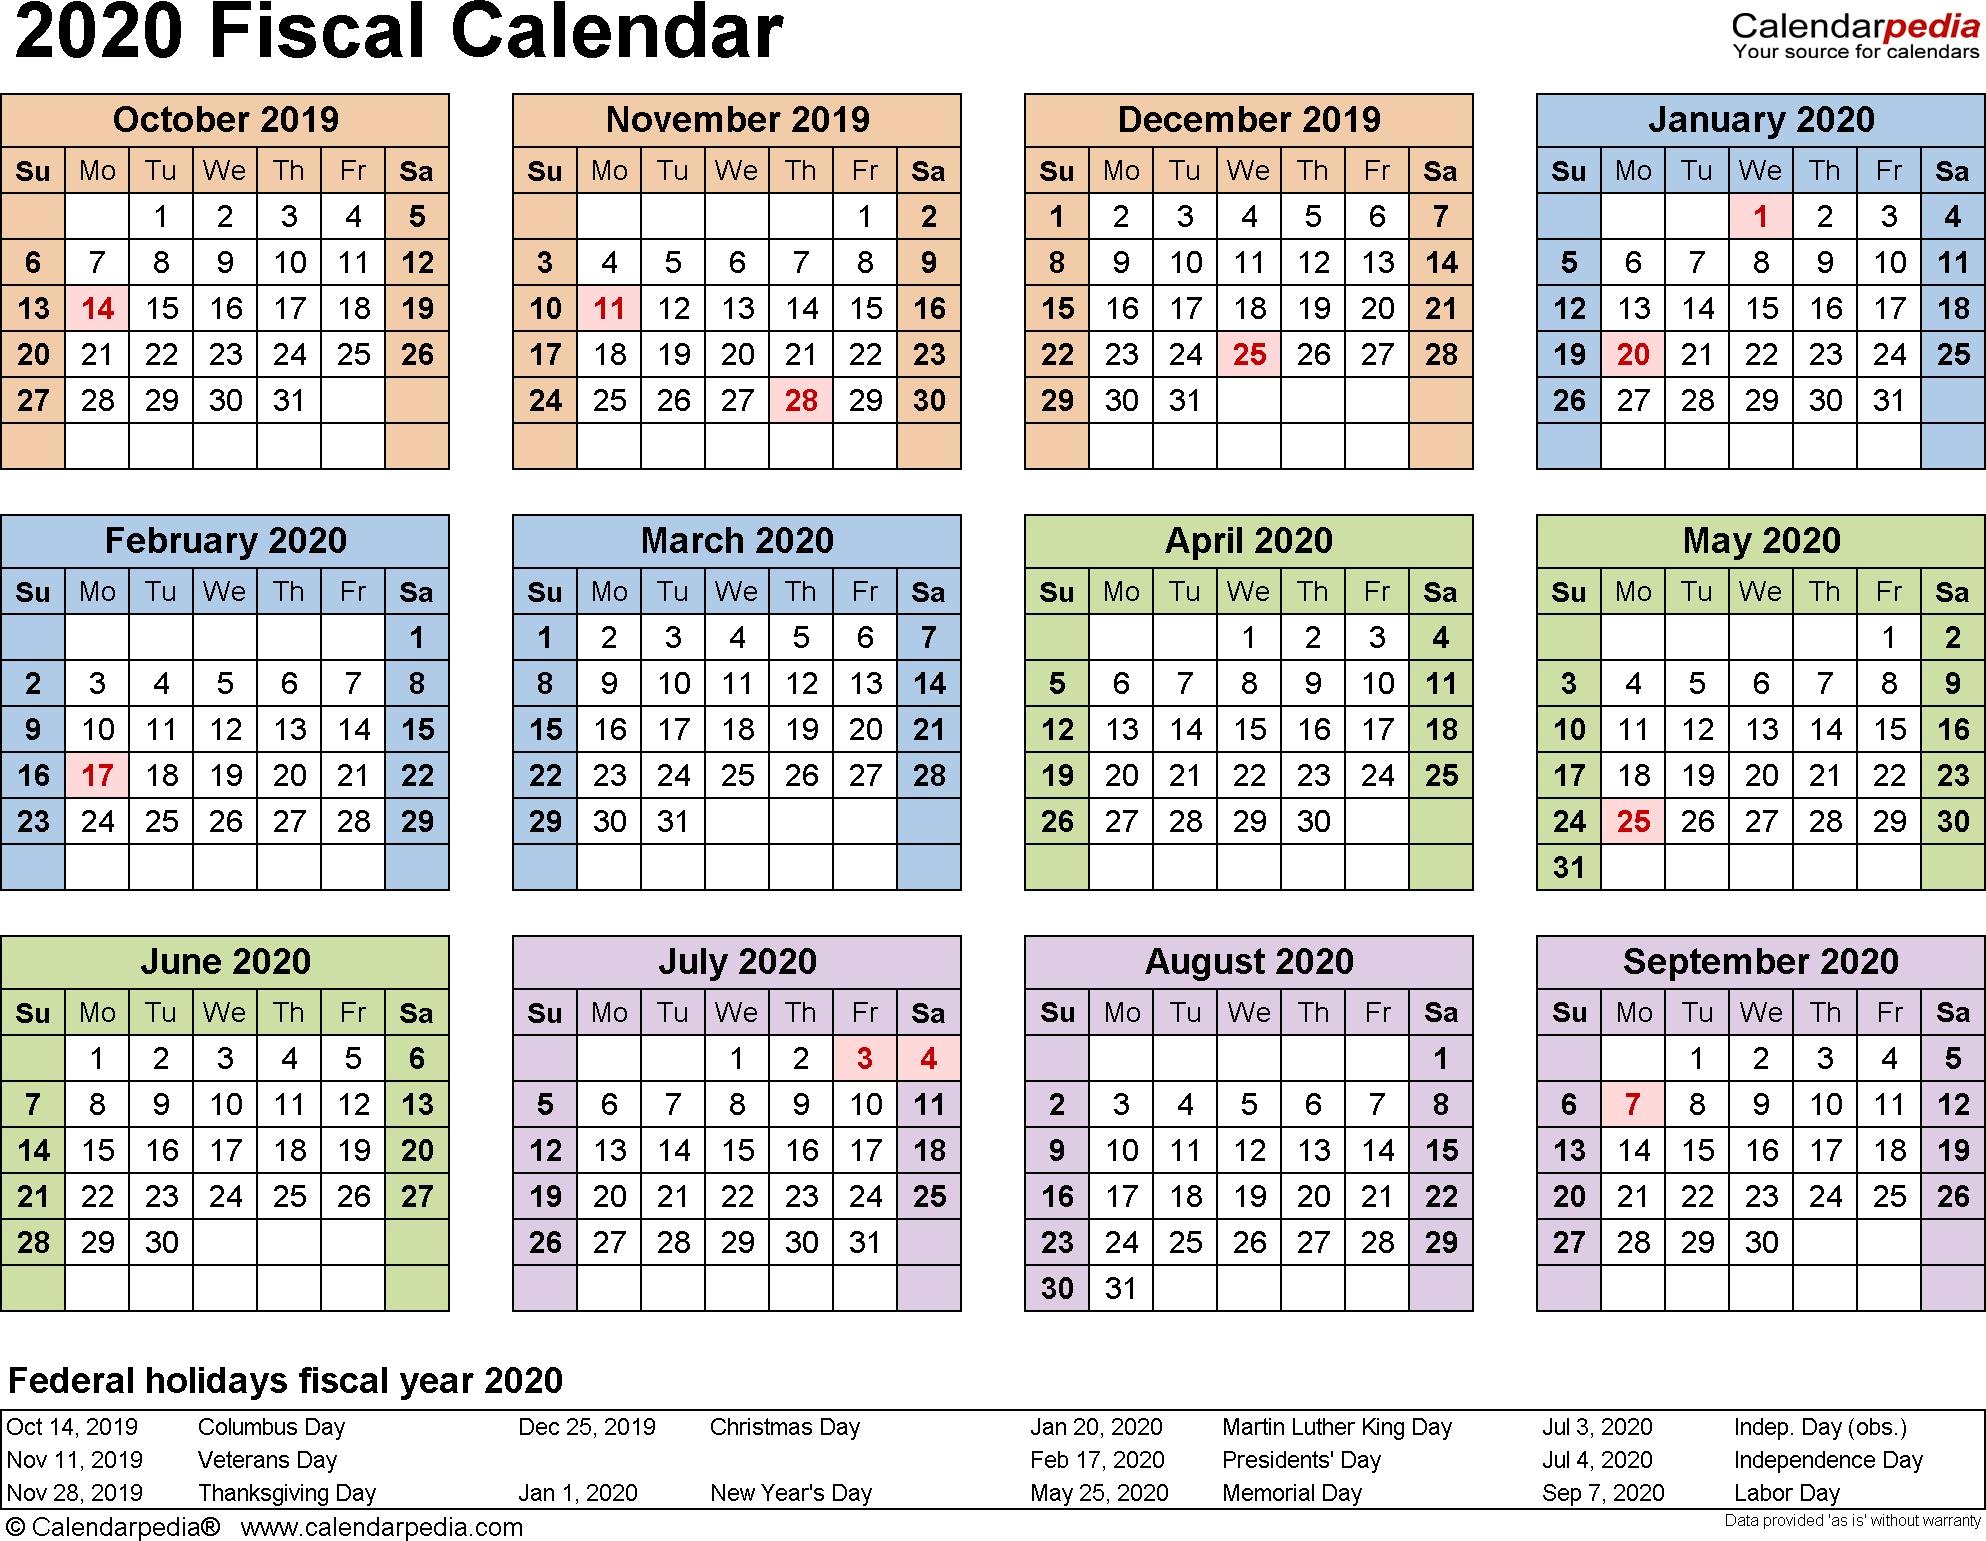 Bi Weekly Payroll Calendar 2020 - Wpa.wpart.co-2020 Bi Weekly Calendar Template